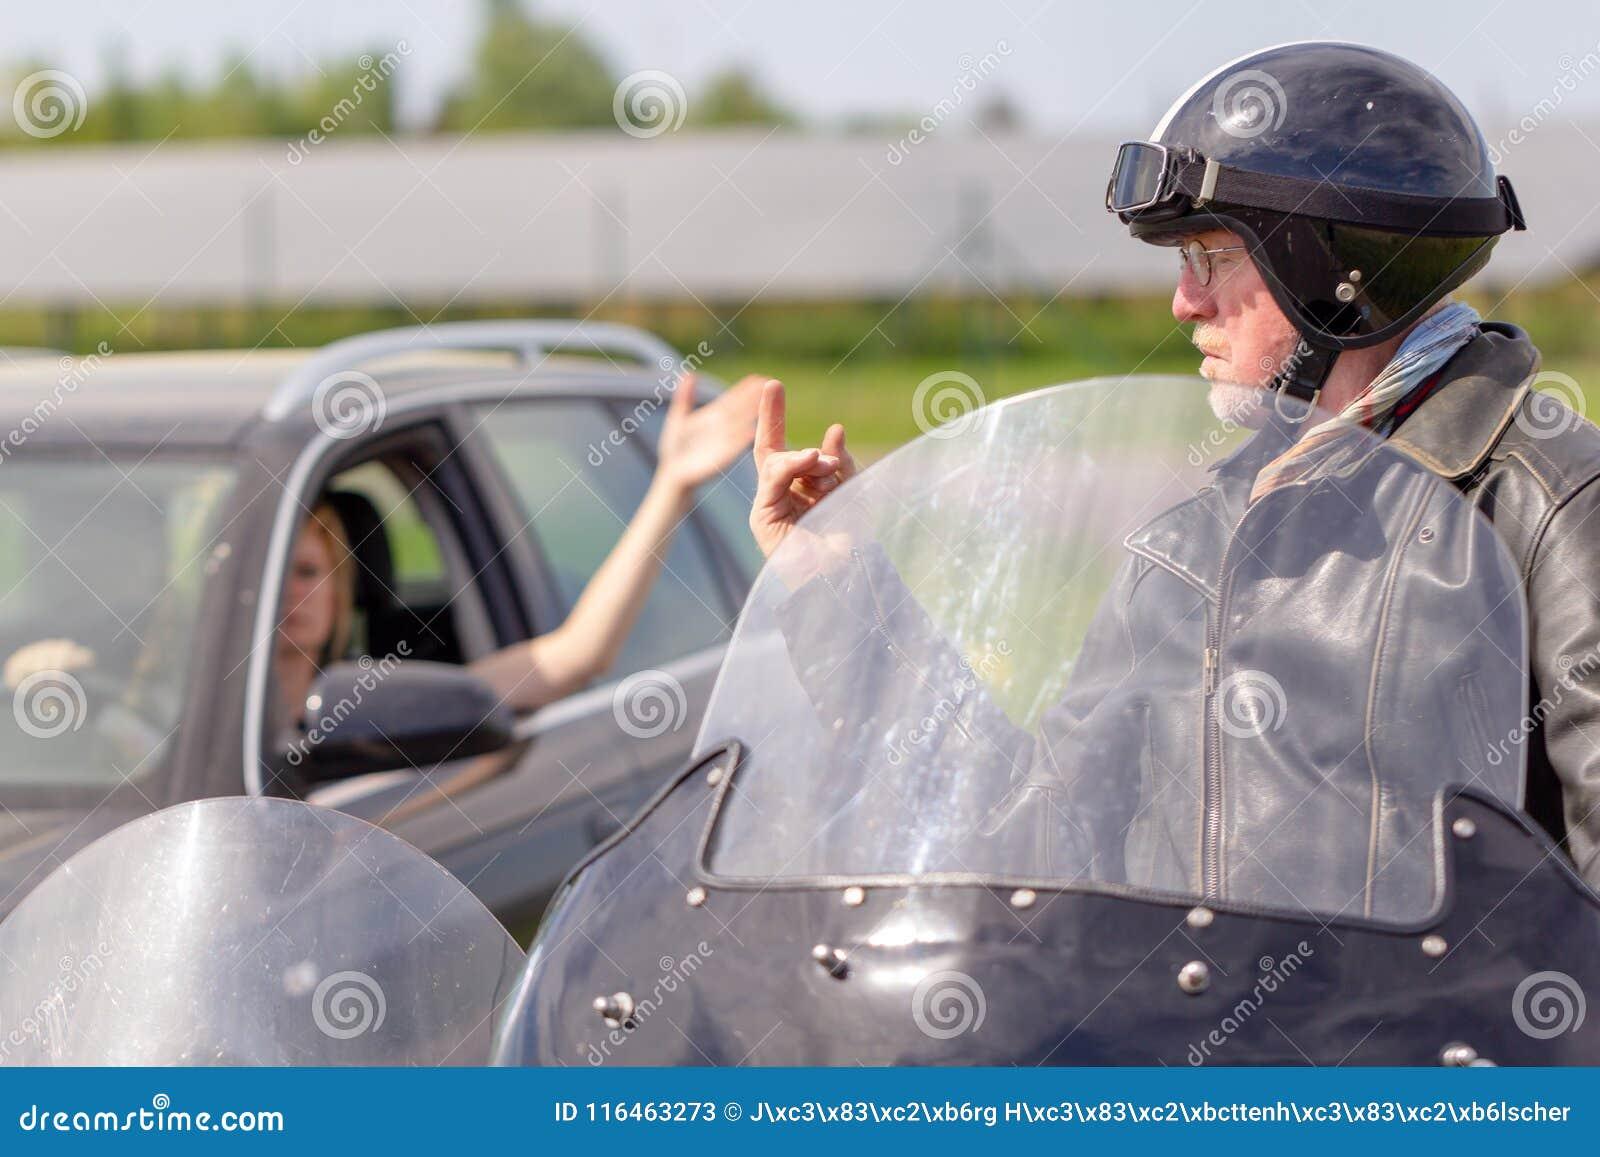 骑自行车的人显示他的中指对汽车司机